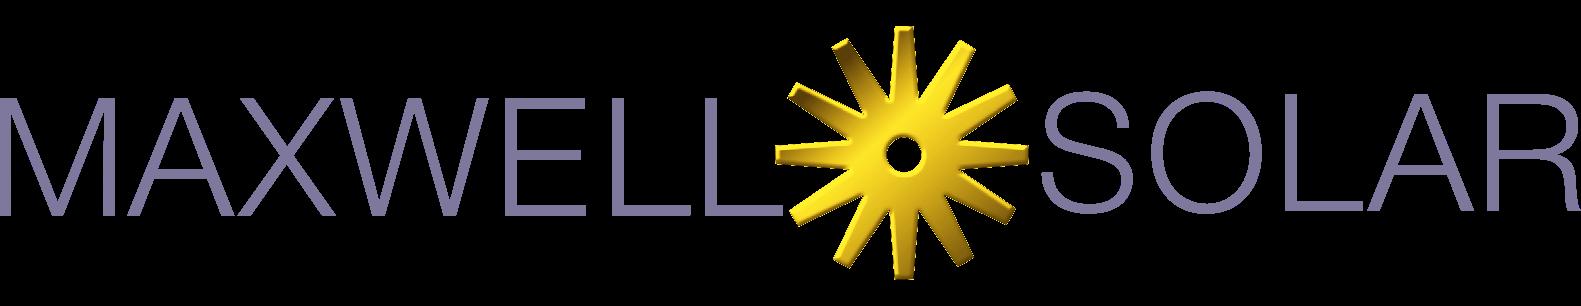 Maxwell Solar